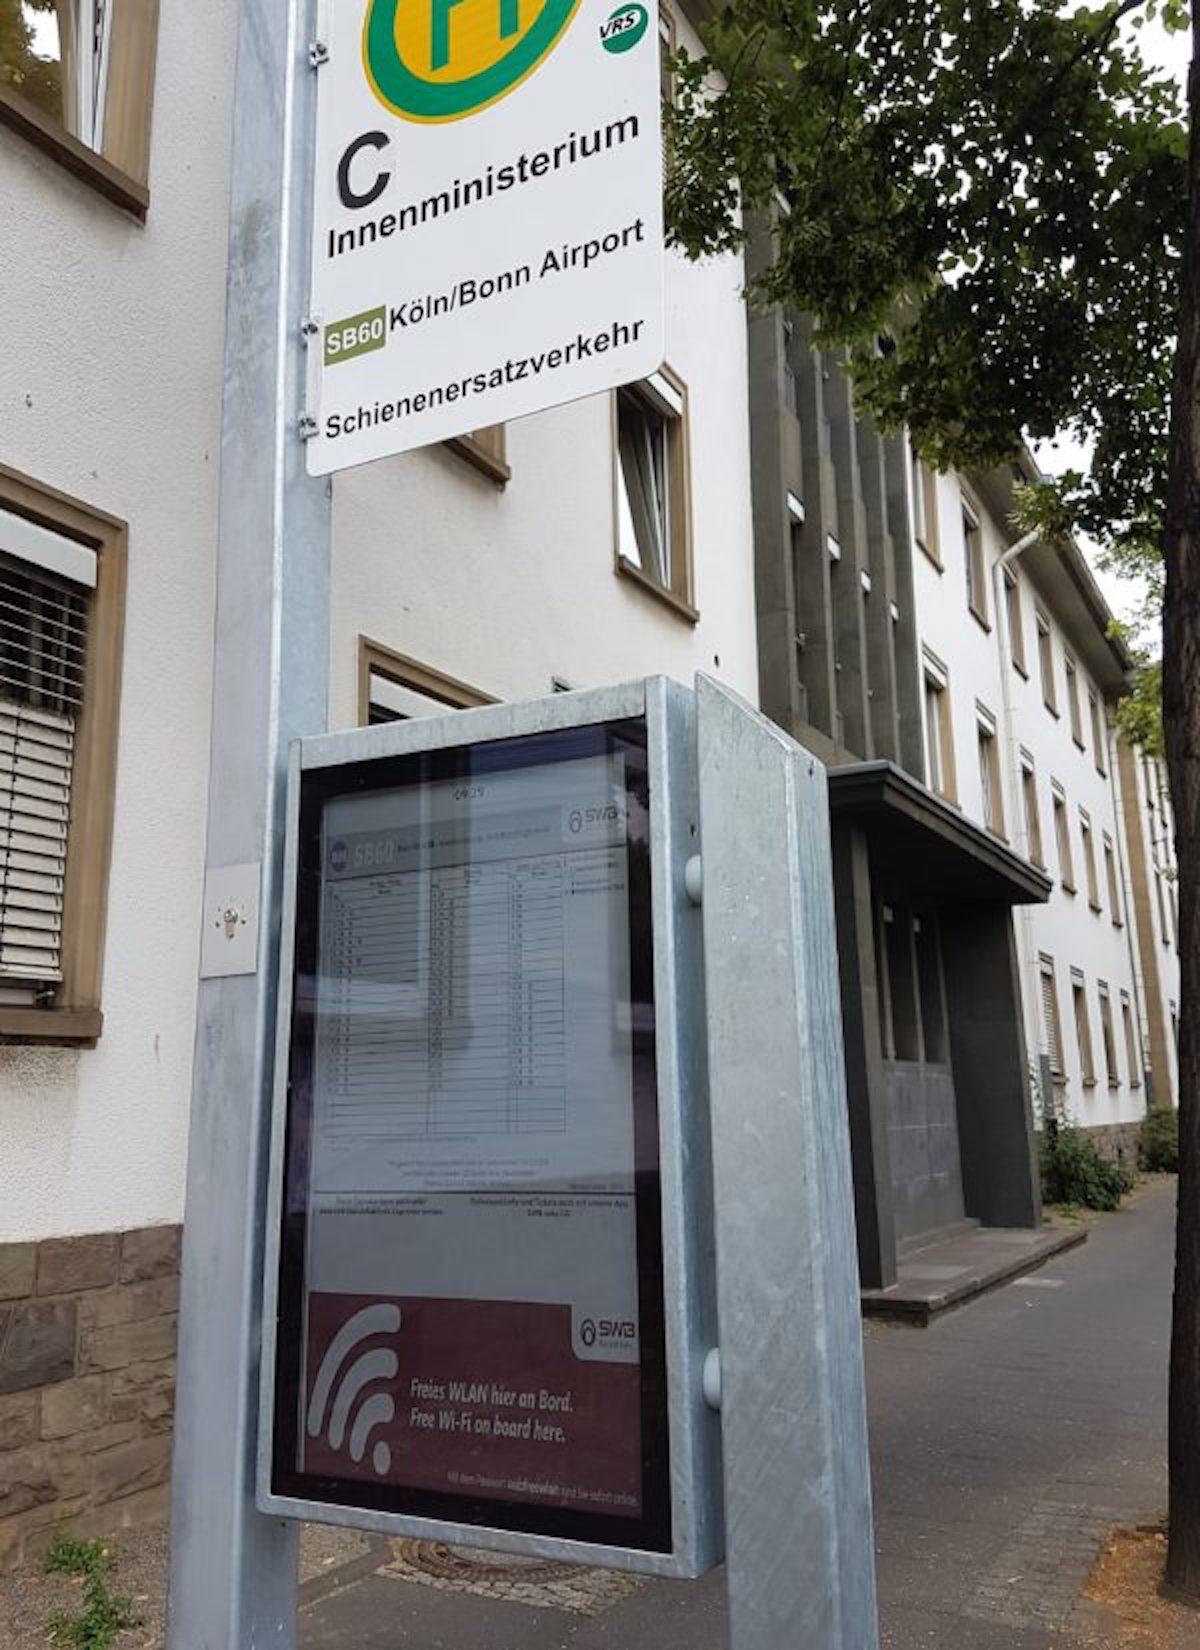 Papercast-Screen an einer Haltestelle in Bonn (Foto: Christiansen GmbH)